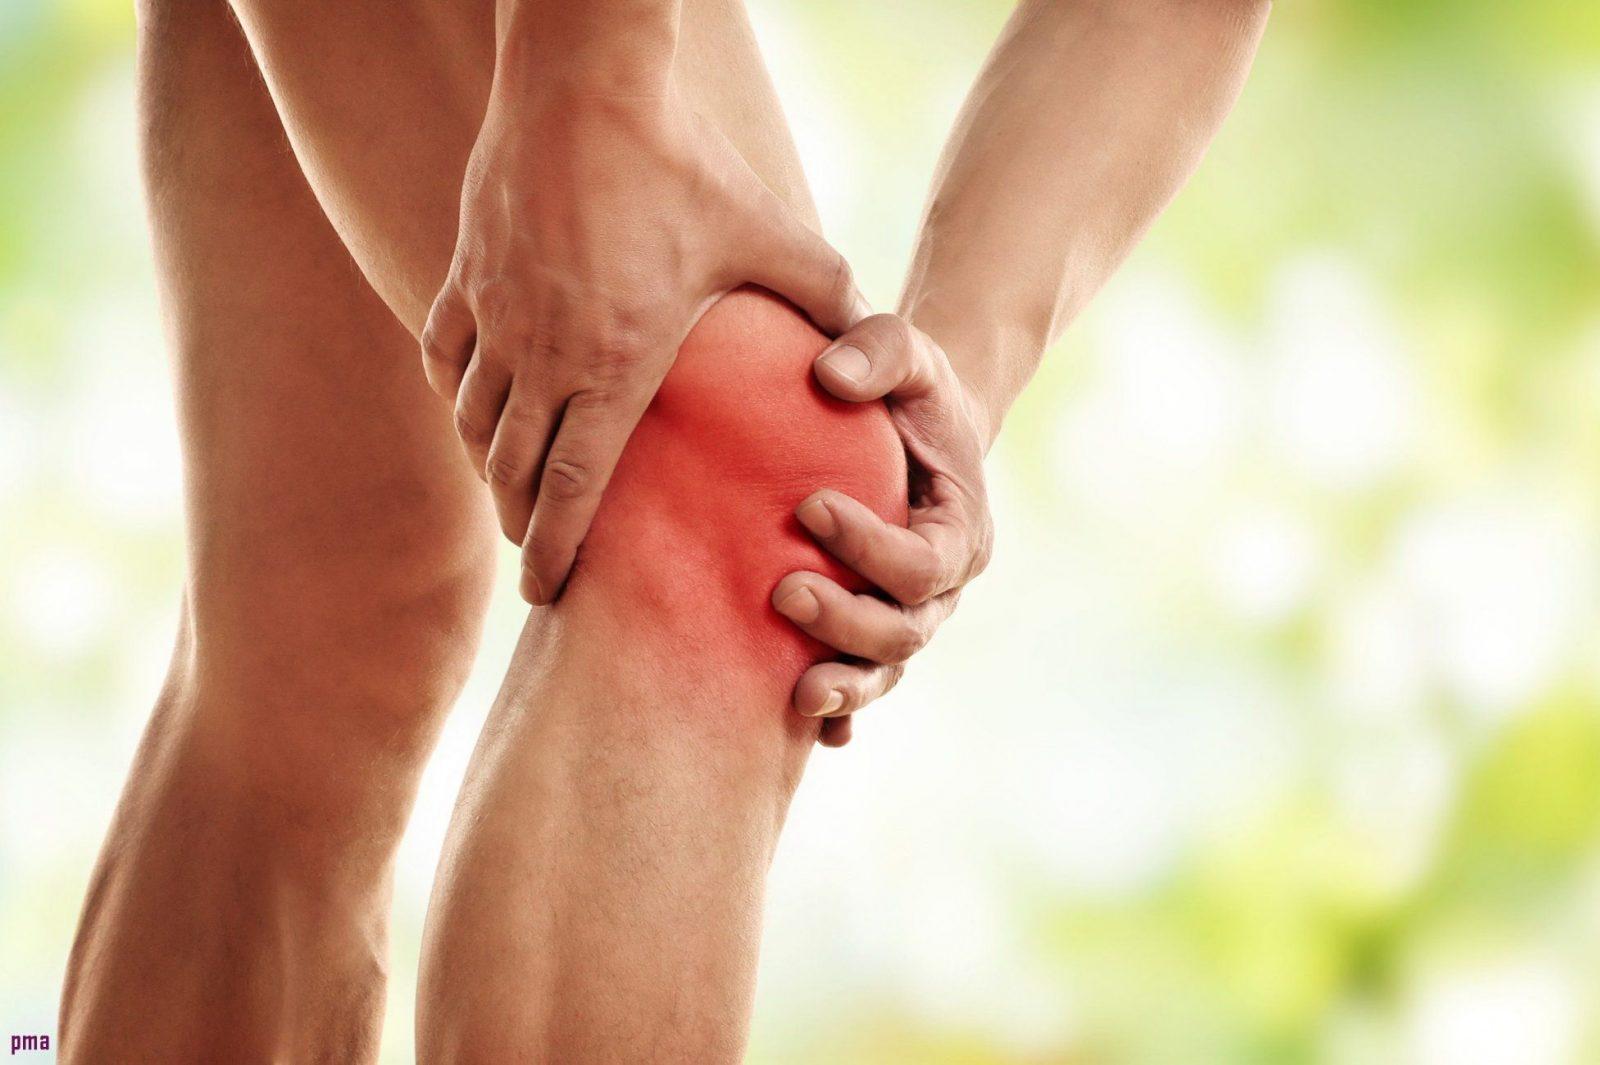 Knieschmerzen Beim Treppen Runtergehen 26 Neu Ideen Über von Knieschmerzen Beim Treppen Runtergehen Bild